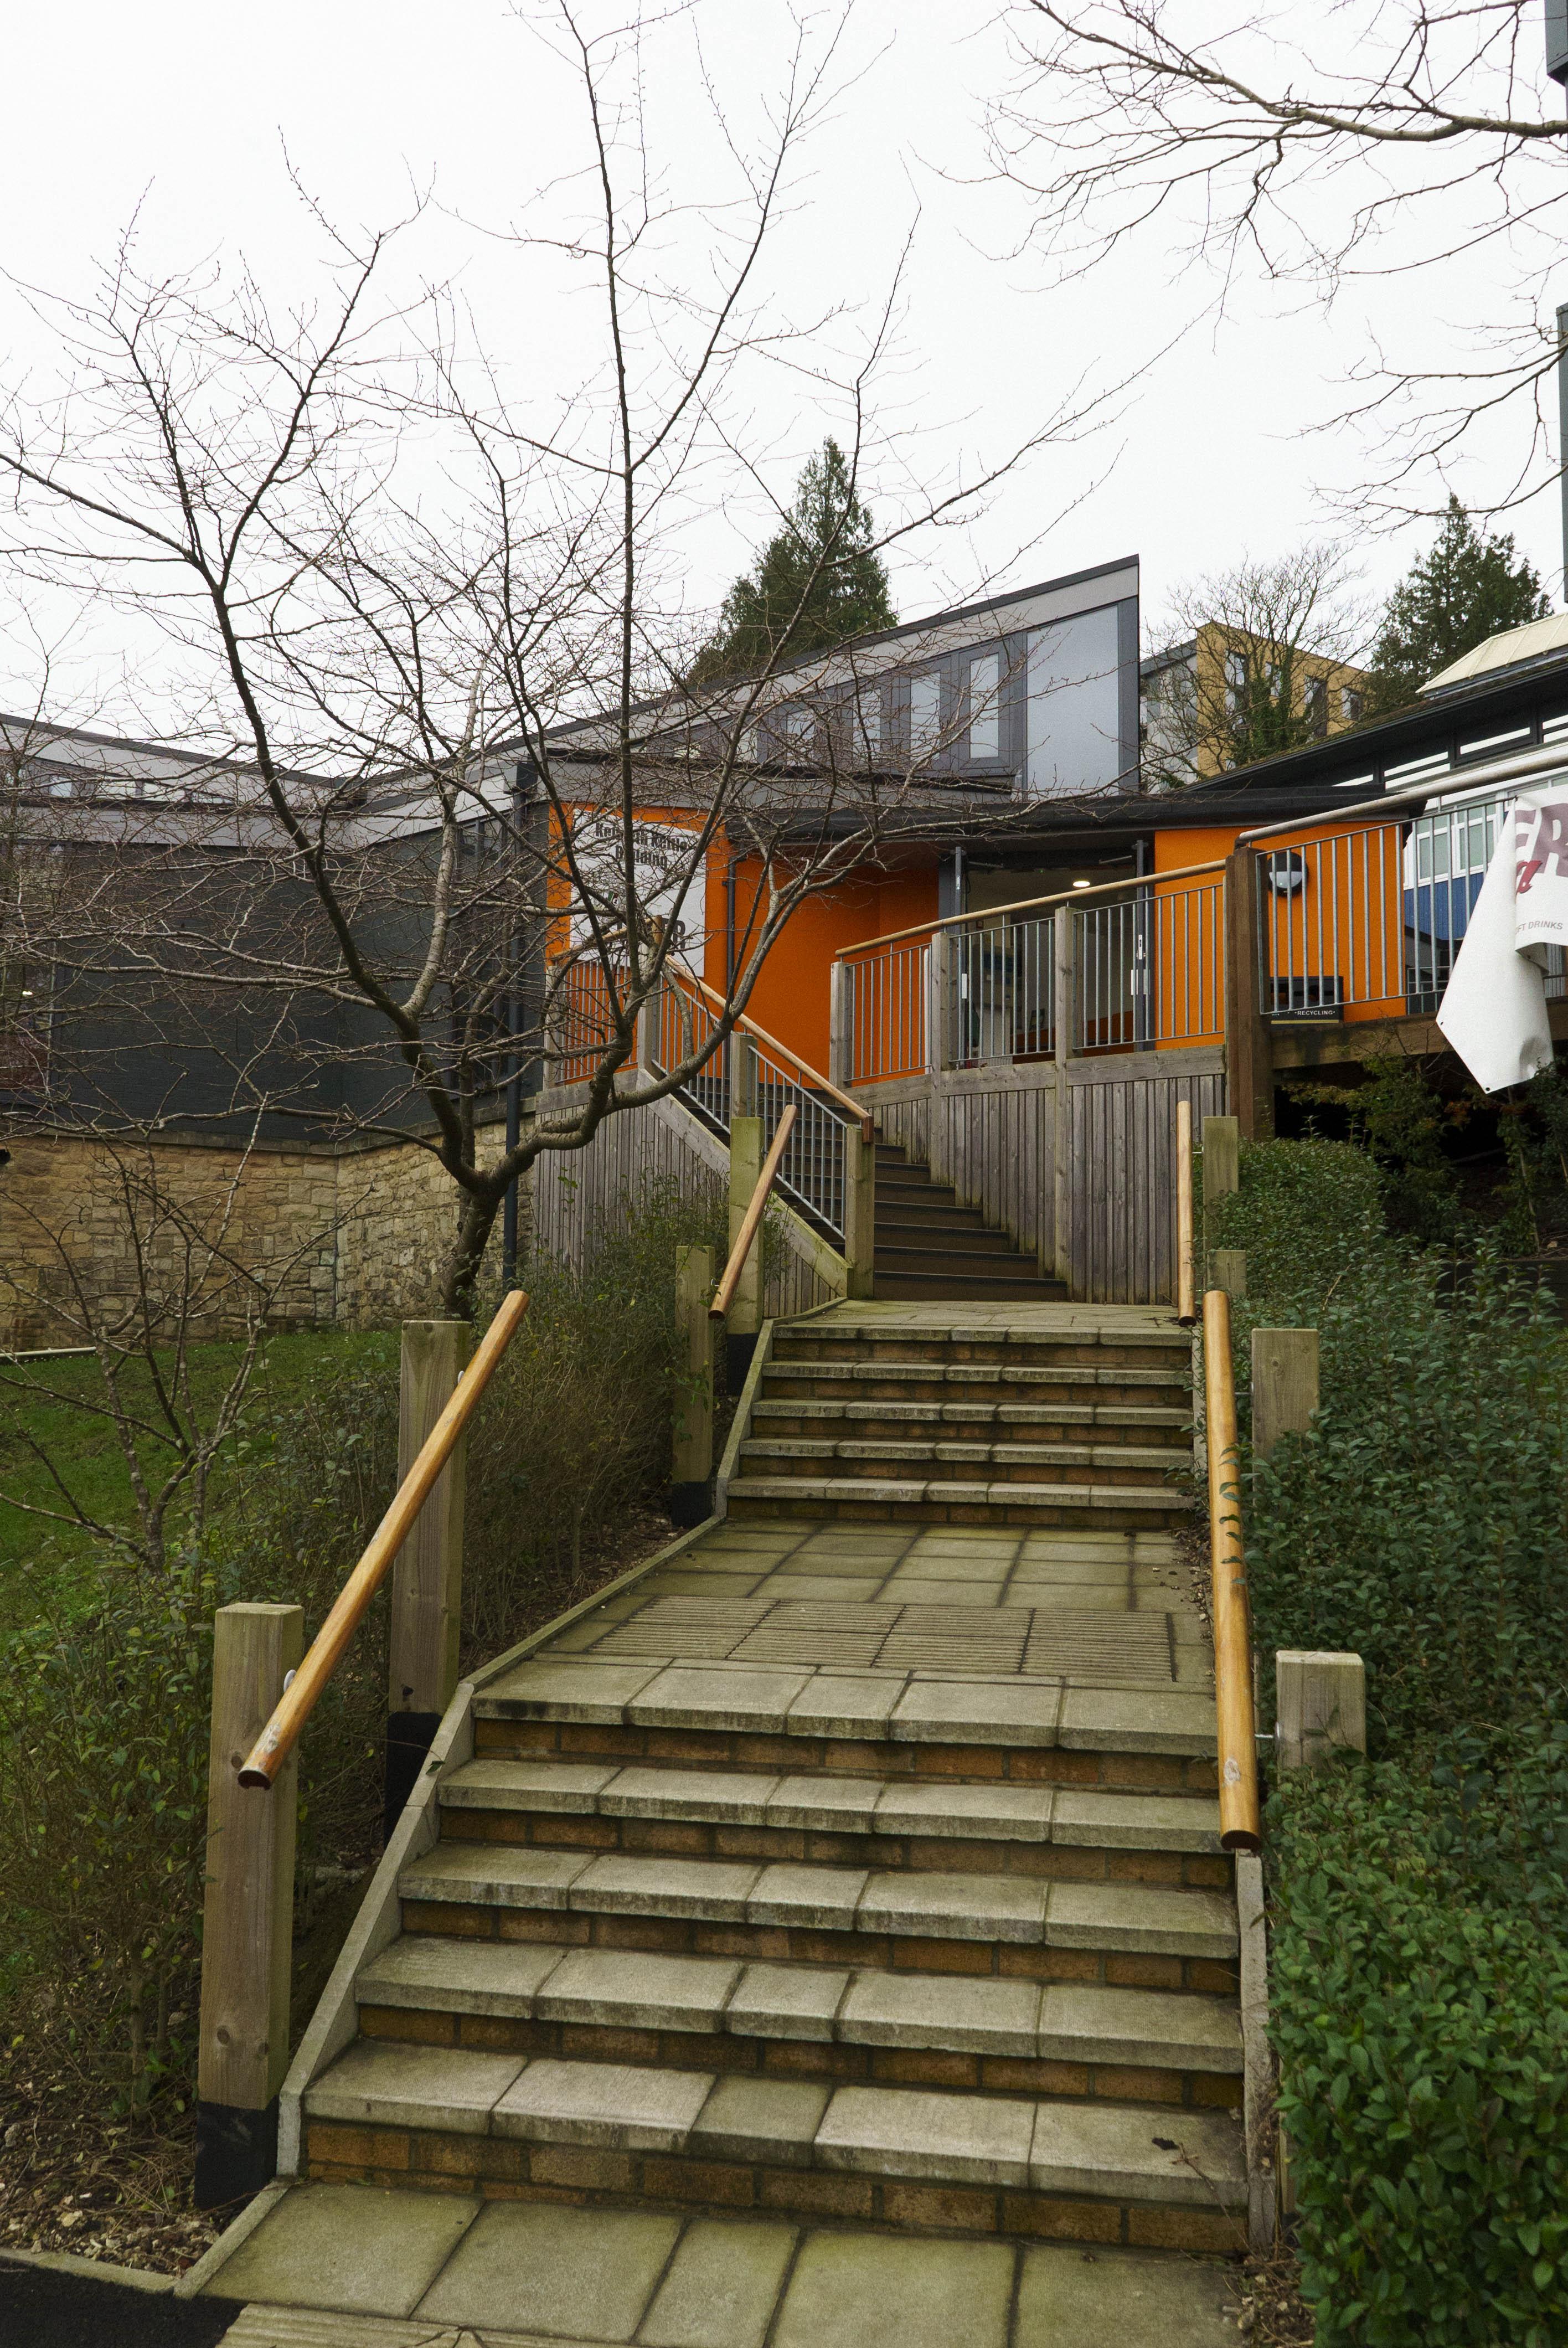 https://www.rvdart.co.uk/wp-content/uploads/2015/12/KKB-Stairs.jpg